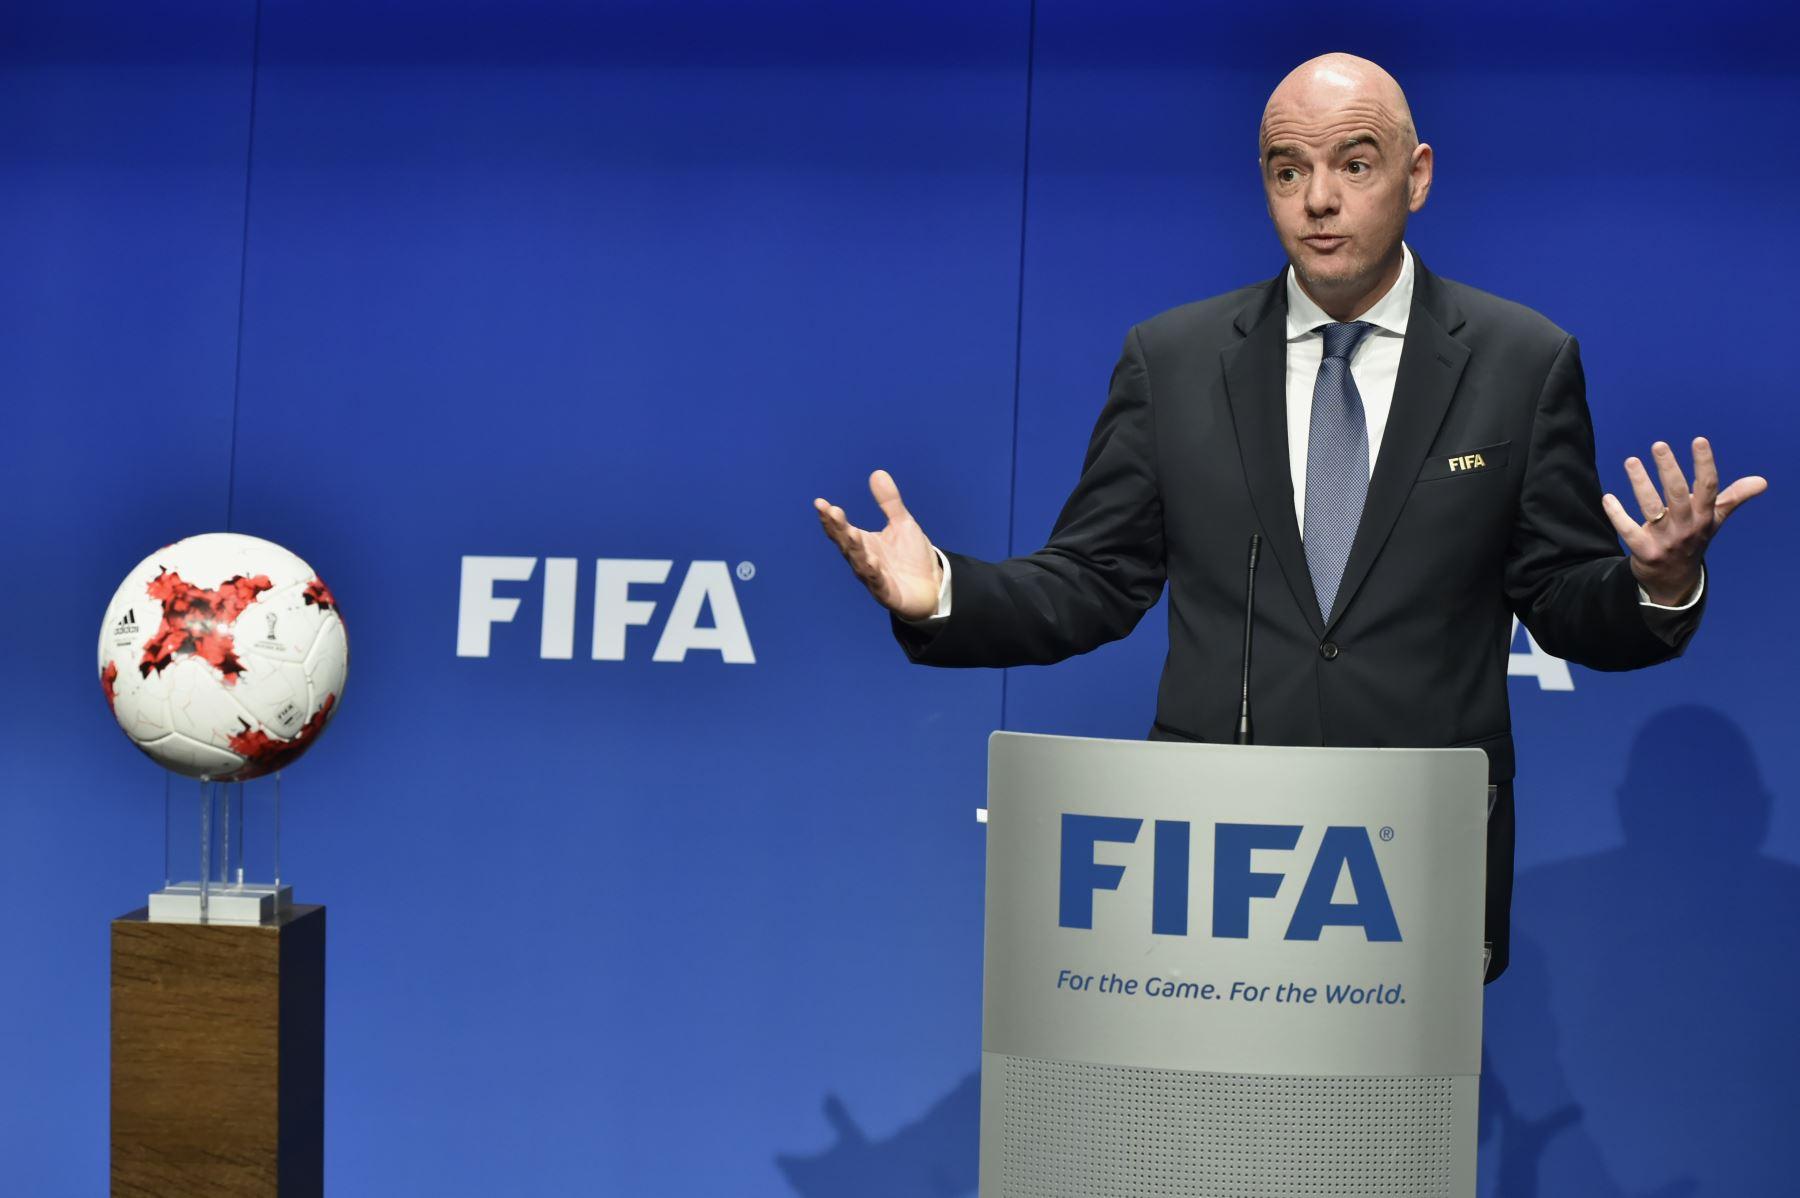 FIFA repartirá 400 millones de dólares entre los participantes de Rusia 2018